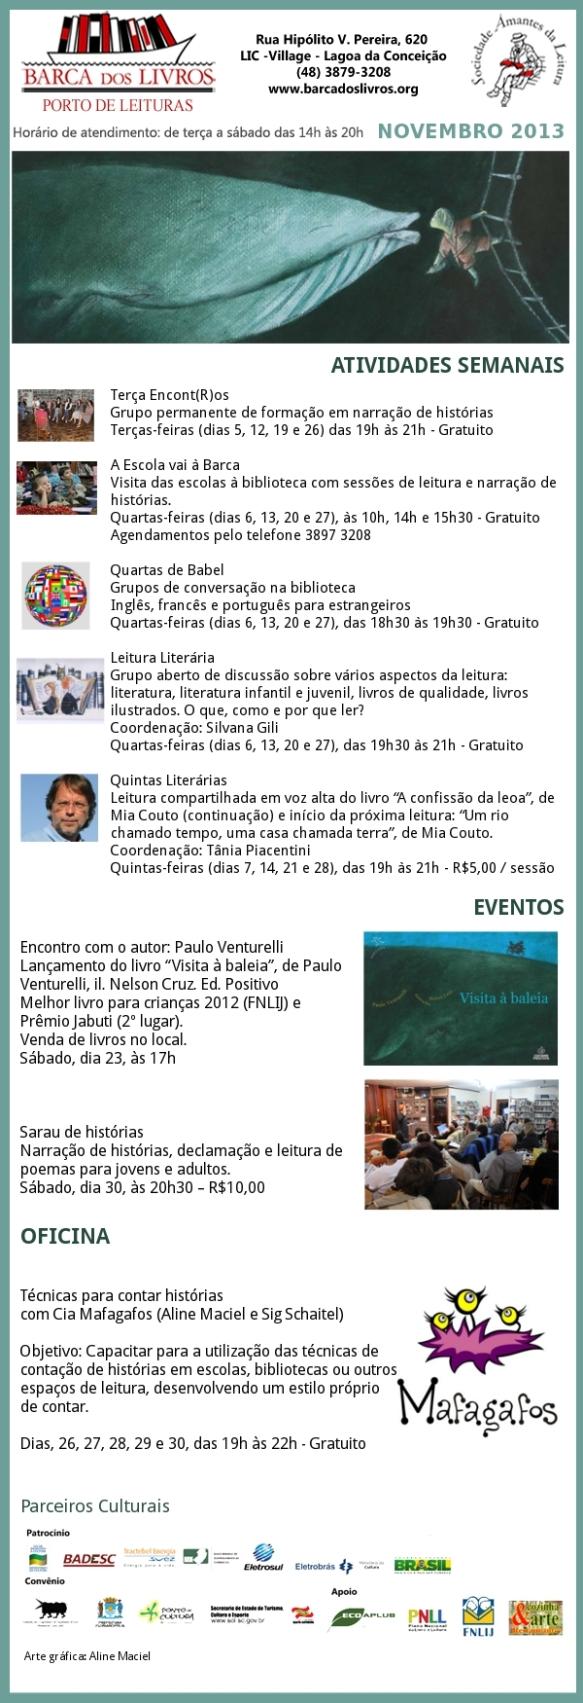 Atividades Semanais + Próximos Eventos